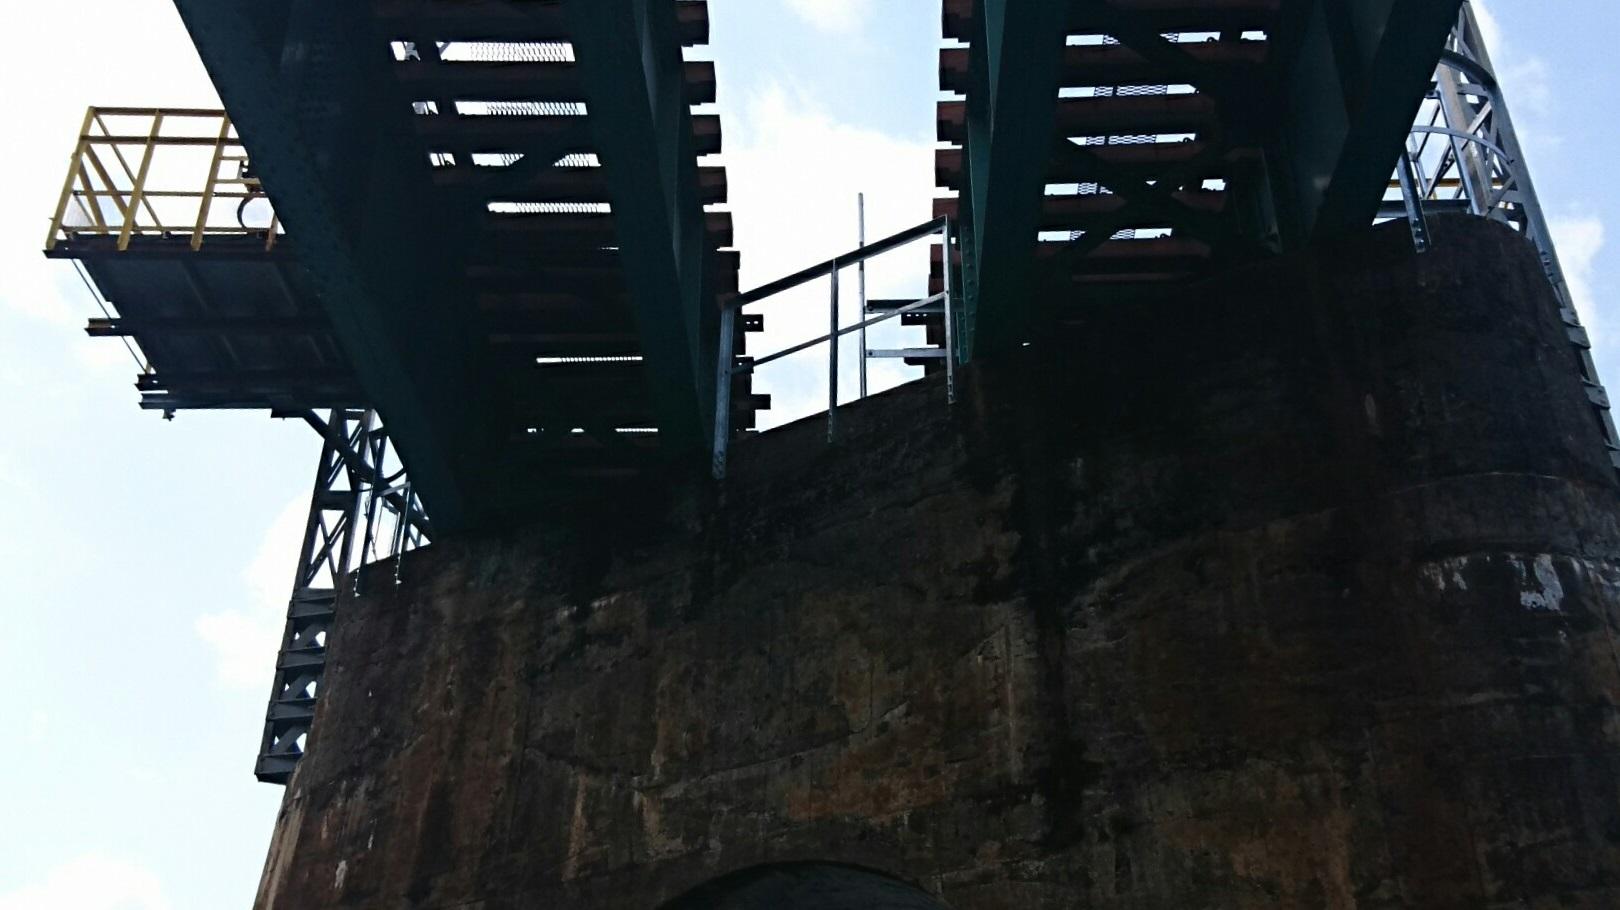 2018.3.31 岡崎ふなあそび (26) くだり - 名古屋本線鉄橋 1620-910